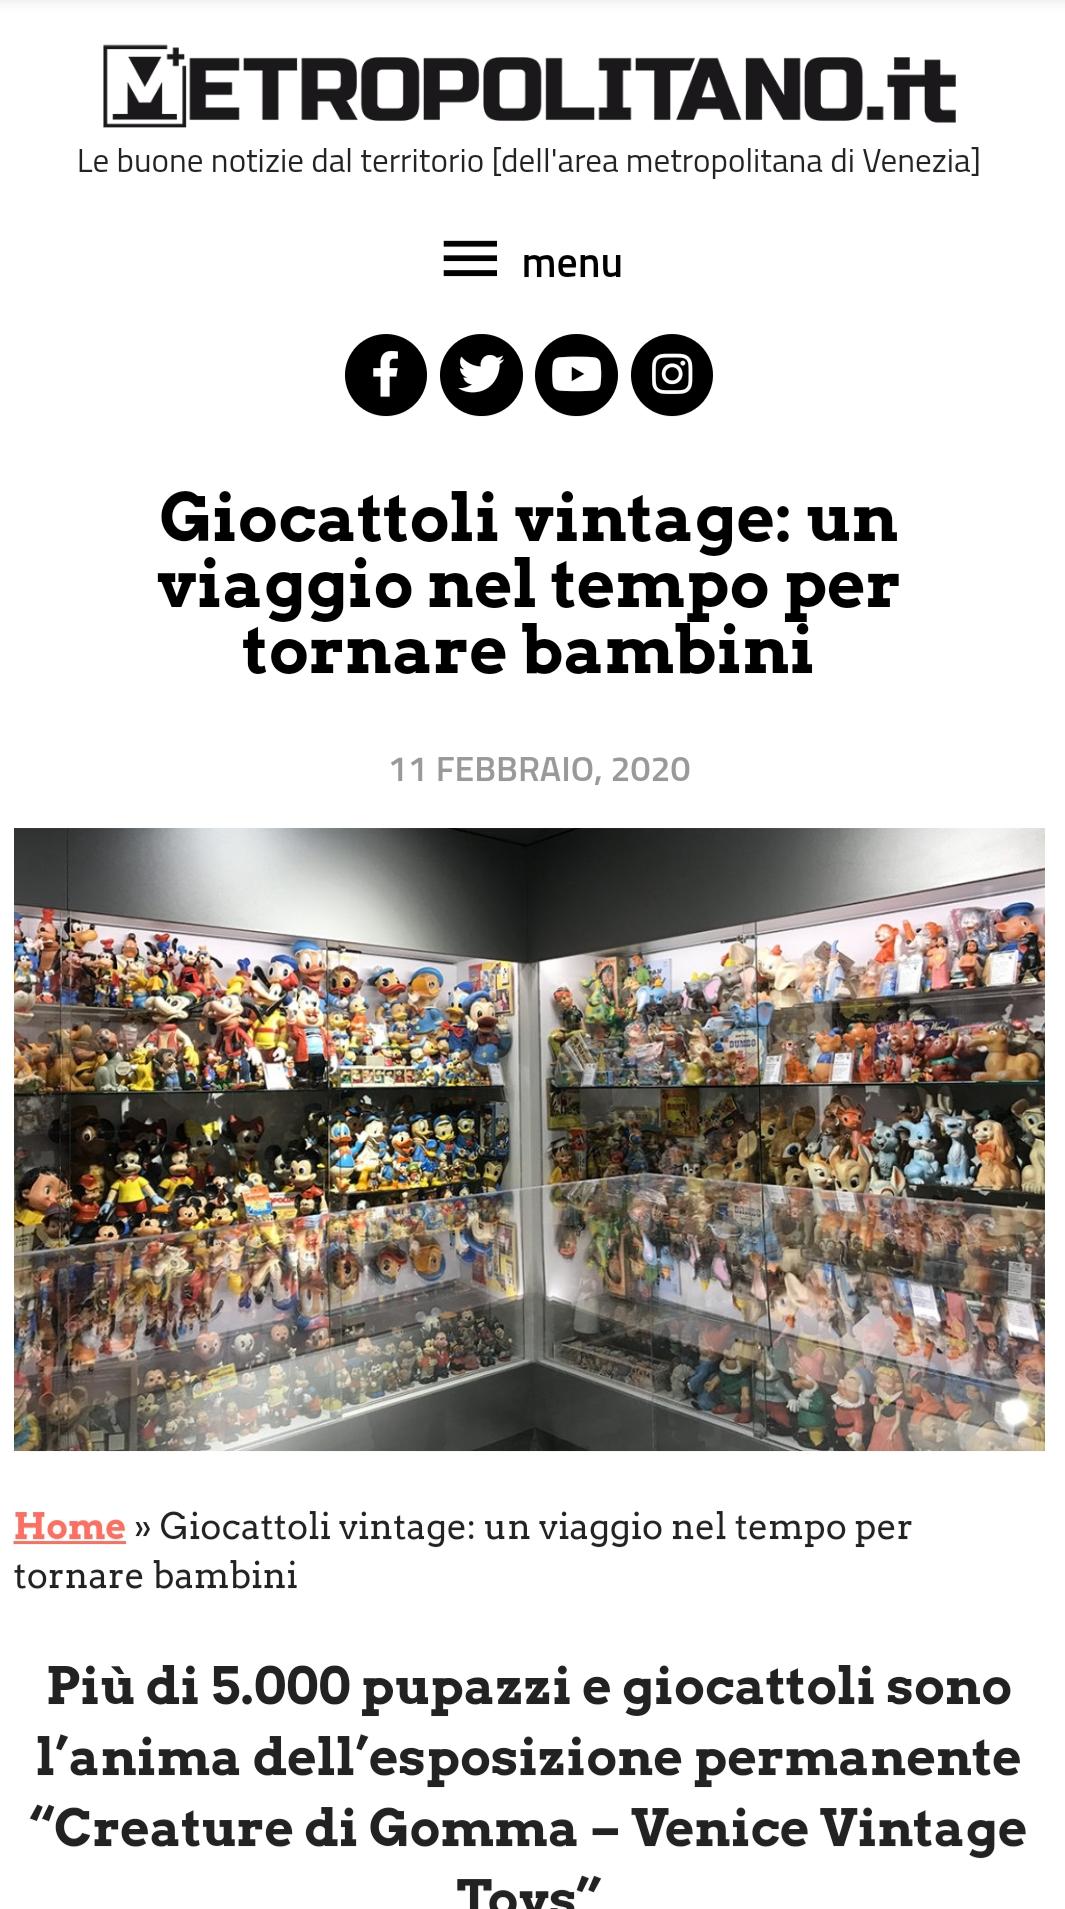 Il Metropolitano 12/02/2020